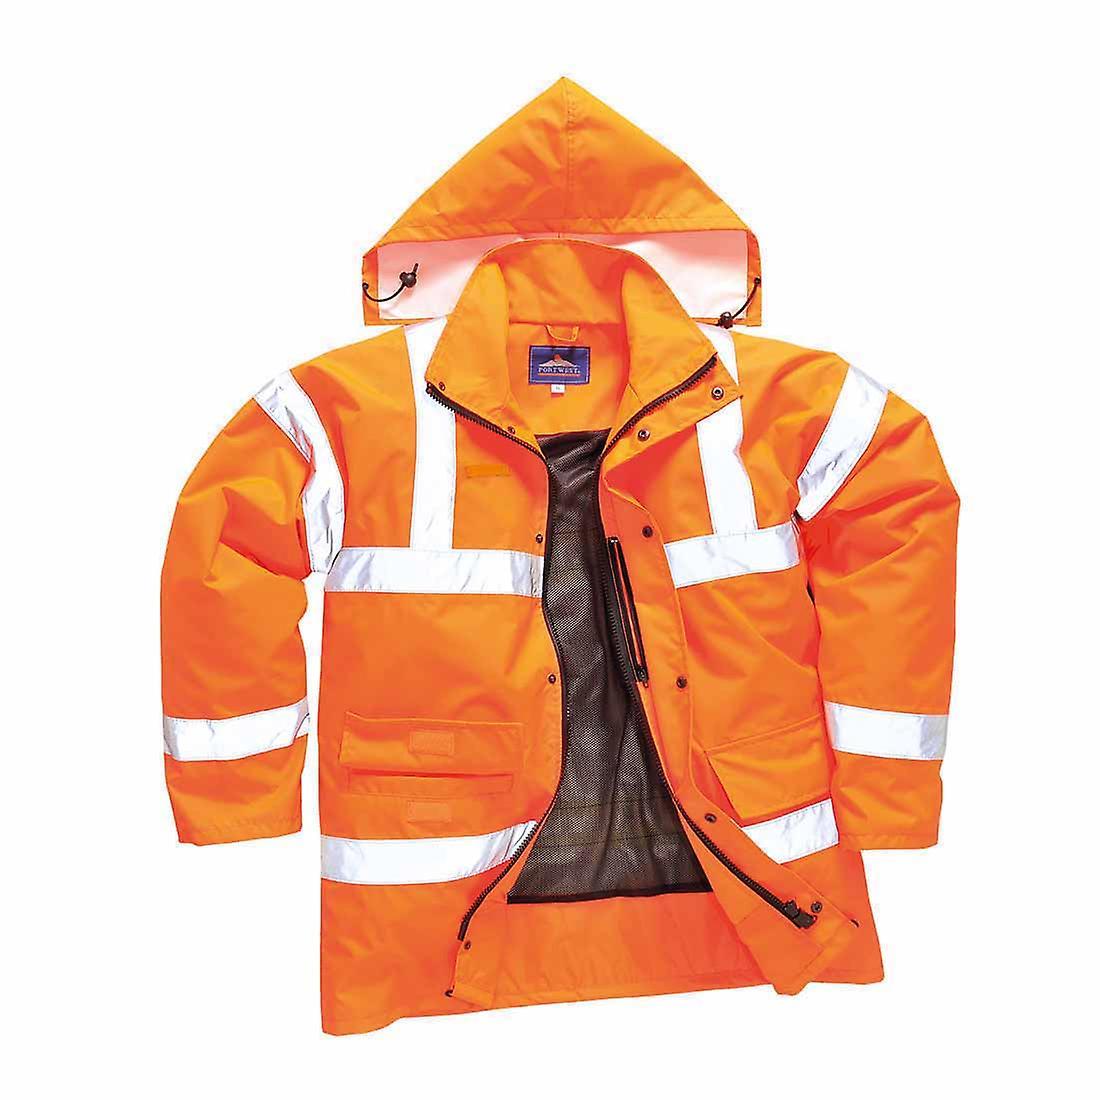 Portwest - Hi-Vis Safety Workwear Breathable Traffic Rail Track Side Jacket